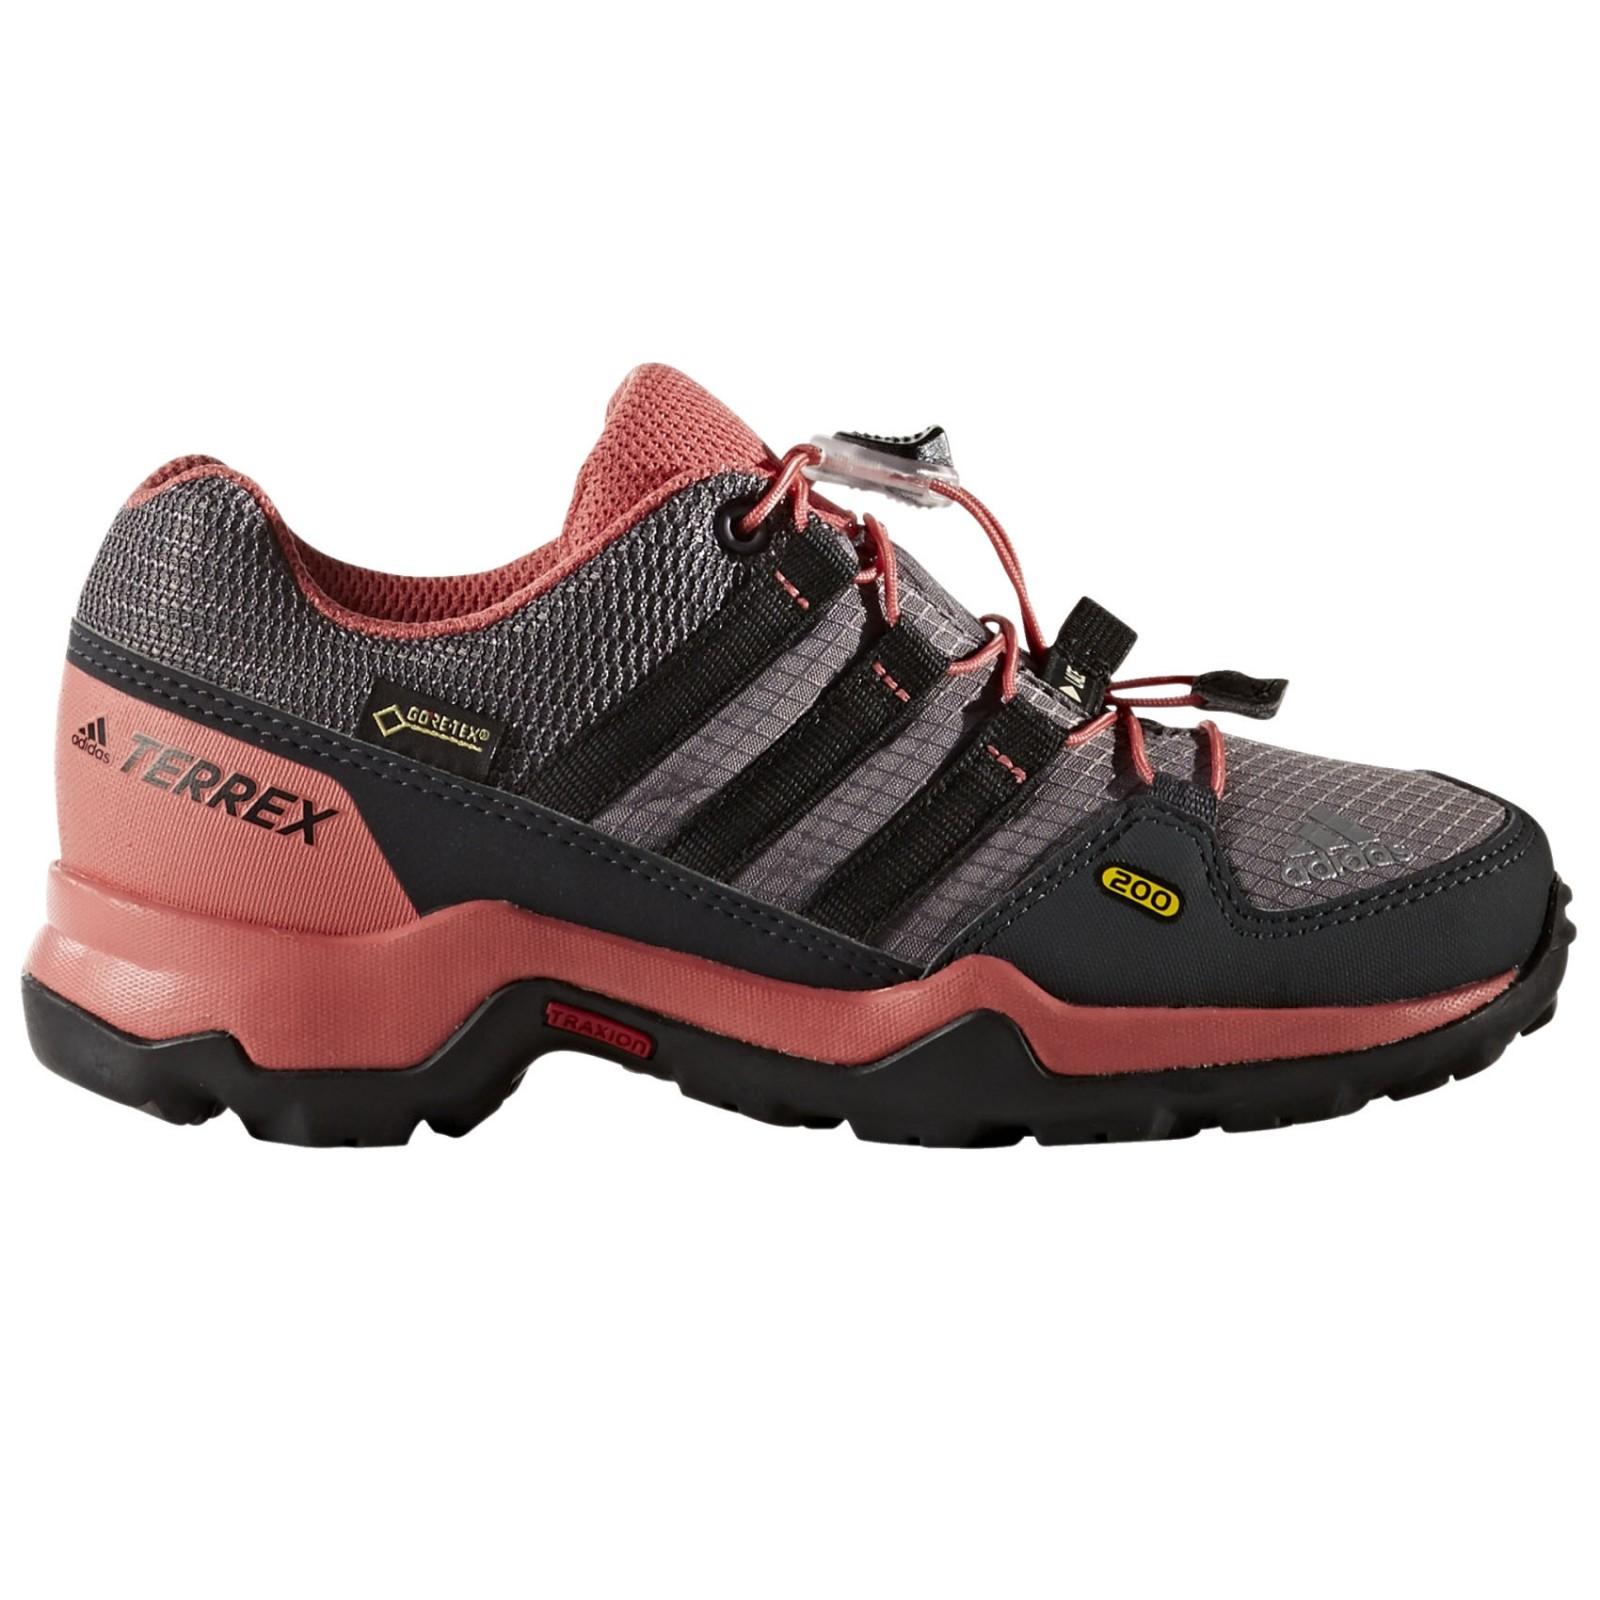 05ab20fed8 Dětská treková obuv adidas TERREX GTX K